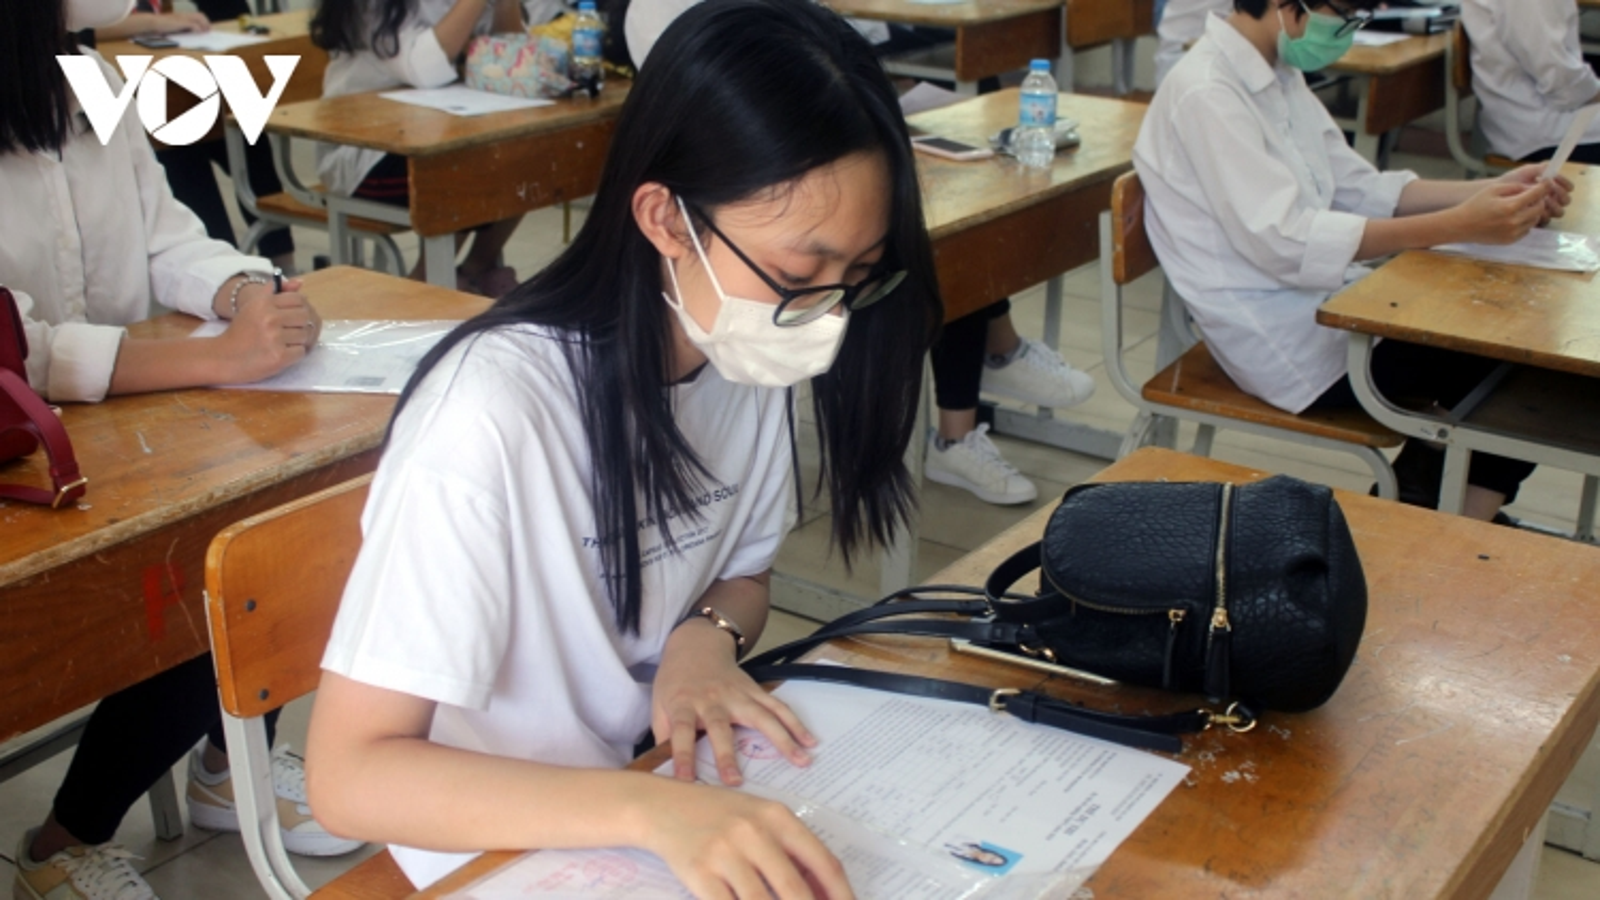 Thi vào lớp 10: Những lỗi sai thường gặp trong bài thi môn Toán học sinh cần tránh